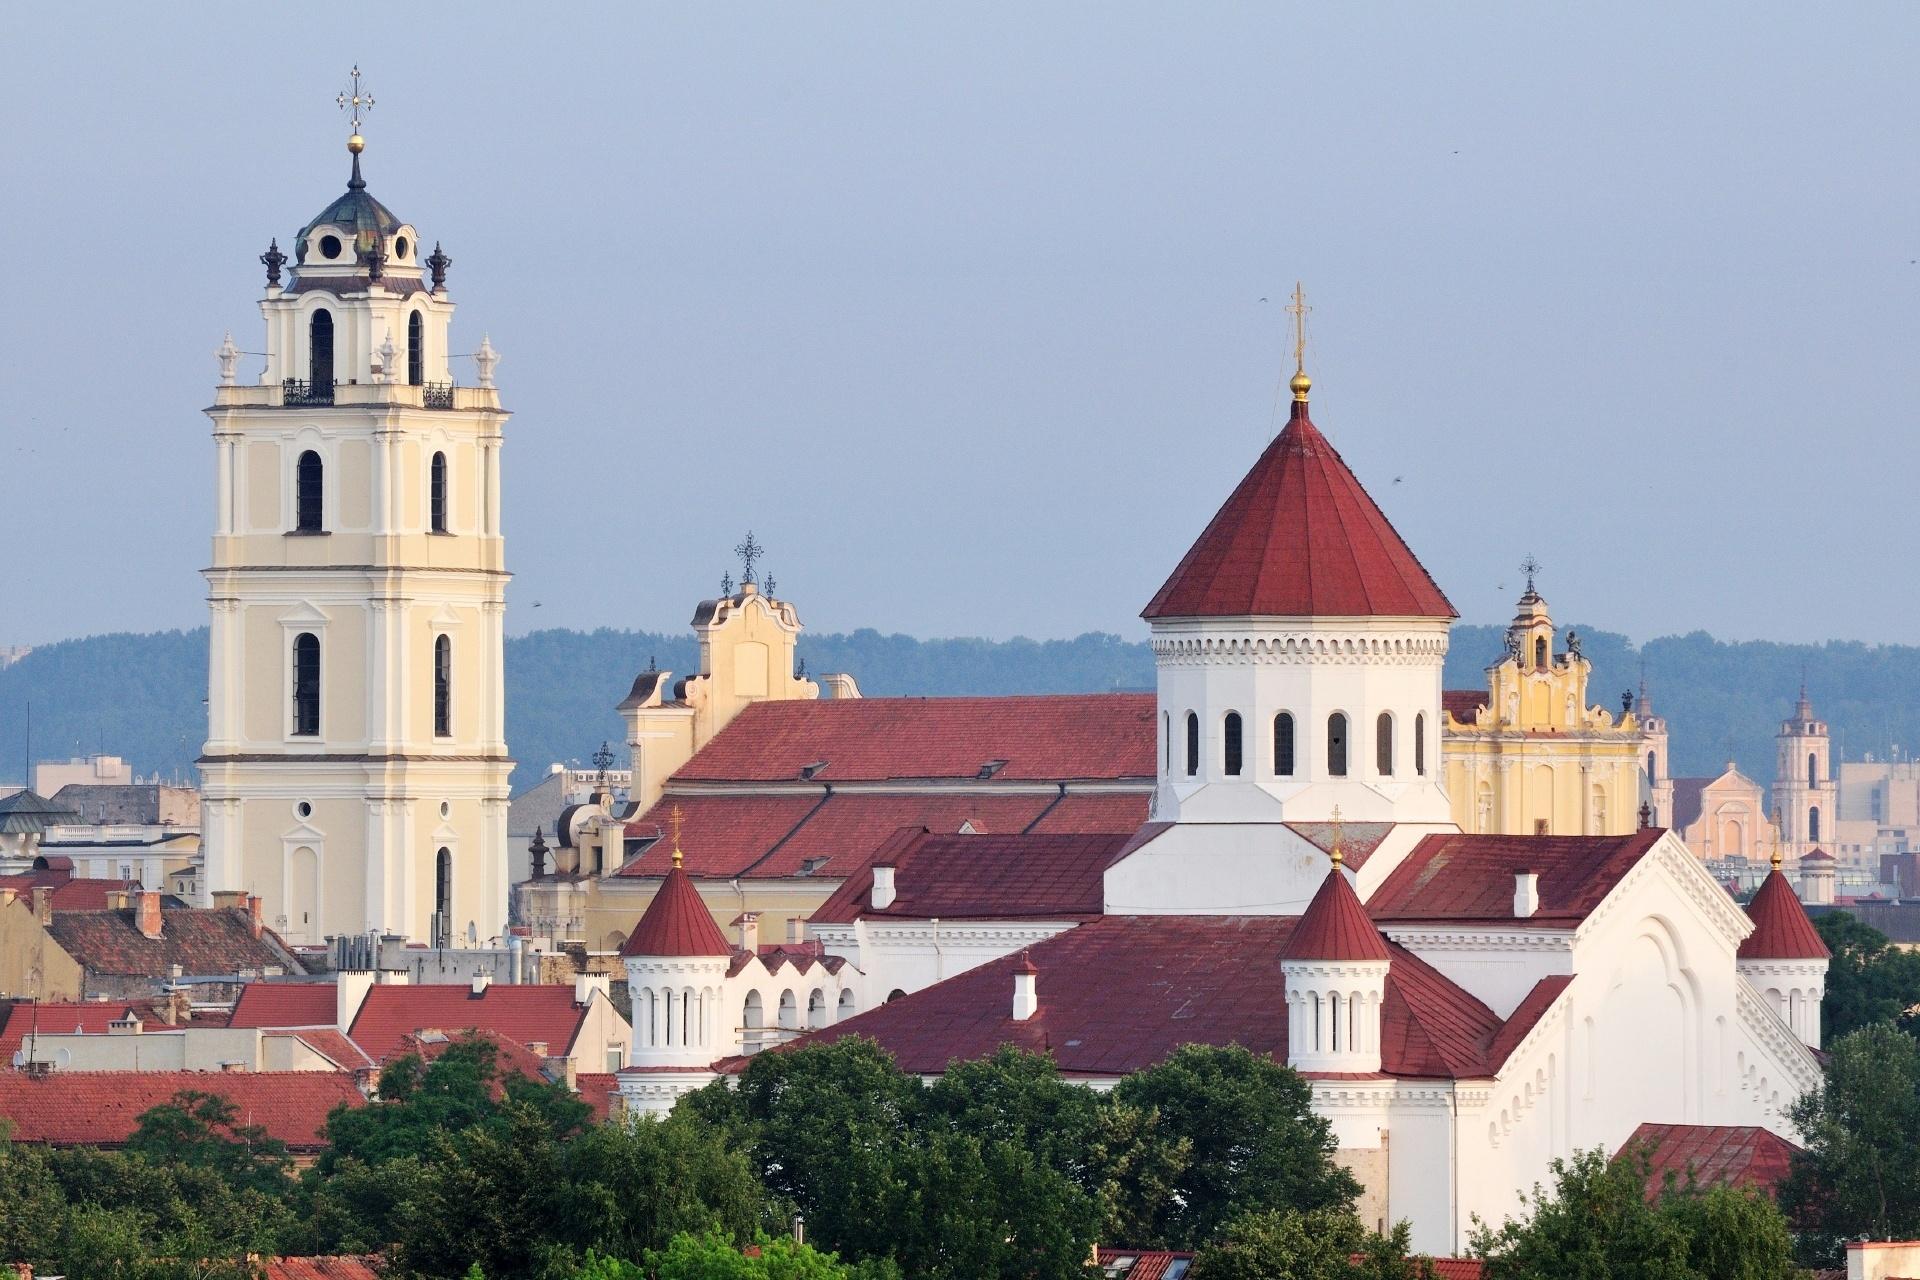 朝のヴィリニュス旧市街 リトアニアの風景